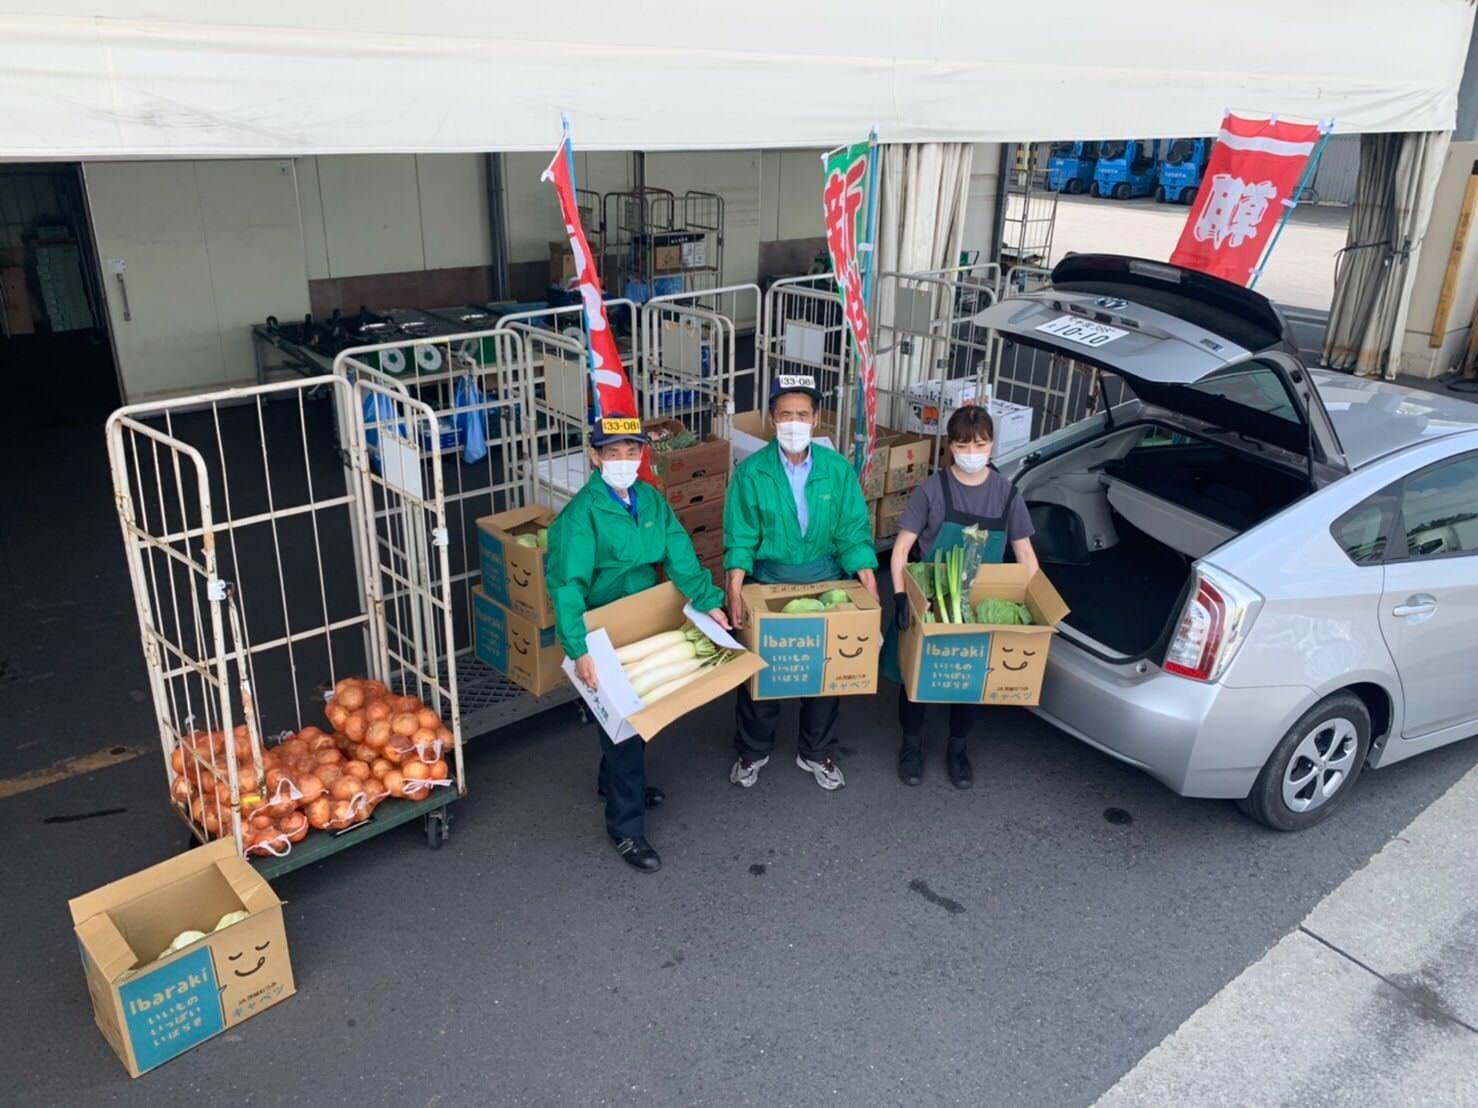 千葉県の青果店「大塚青果」がドライブスルー方式による 野菜・果物の販売イベント「ドライブスルー八百屋」を6月開催!